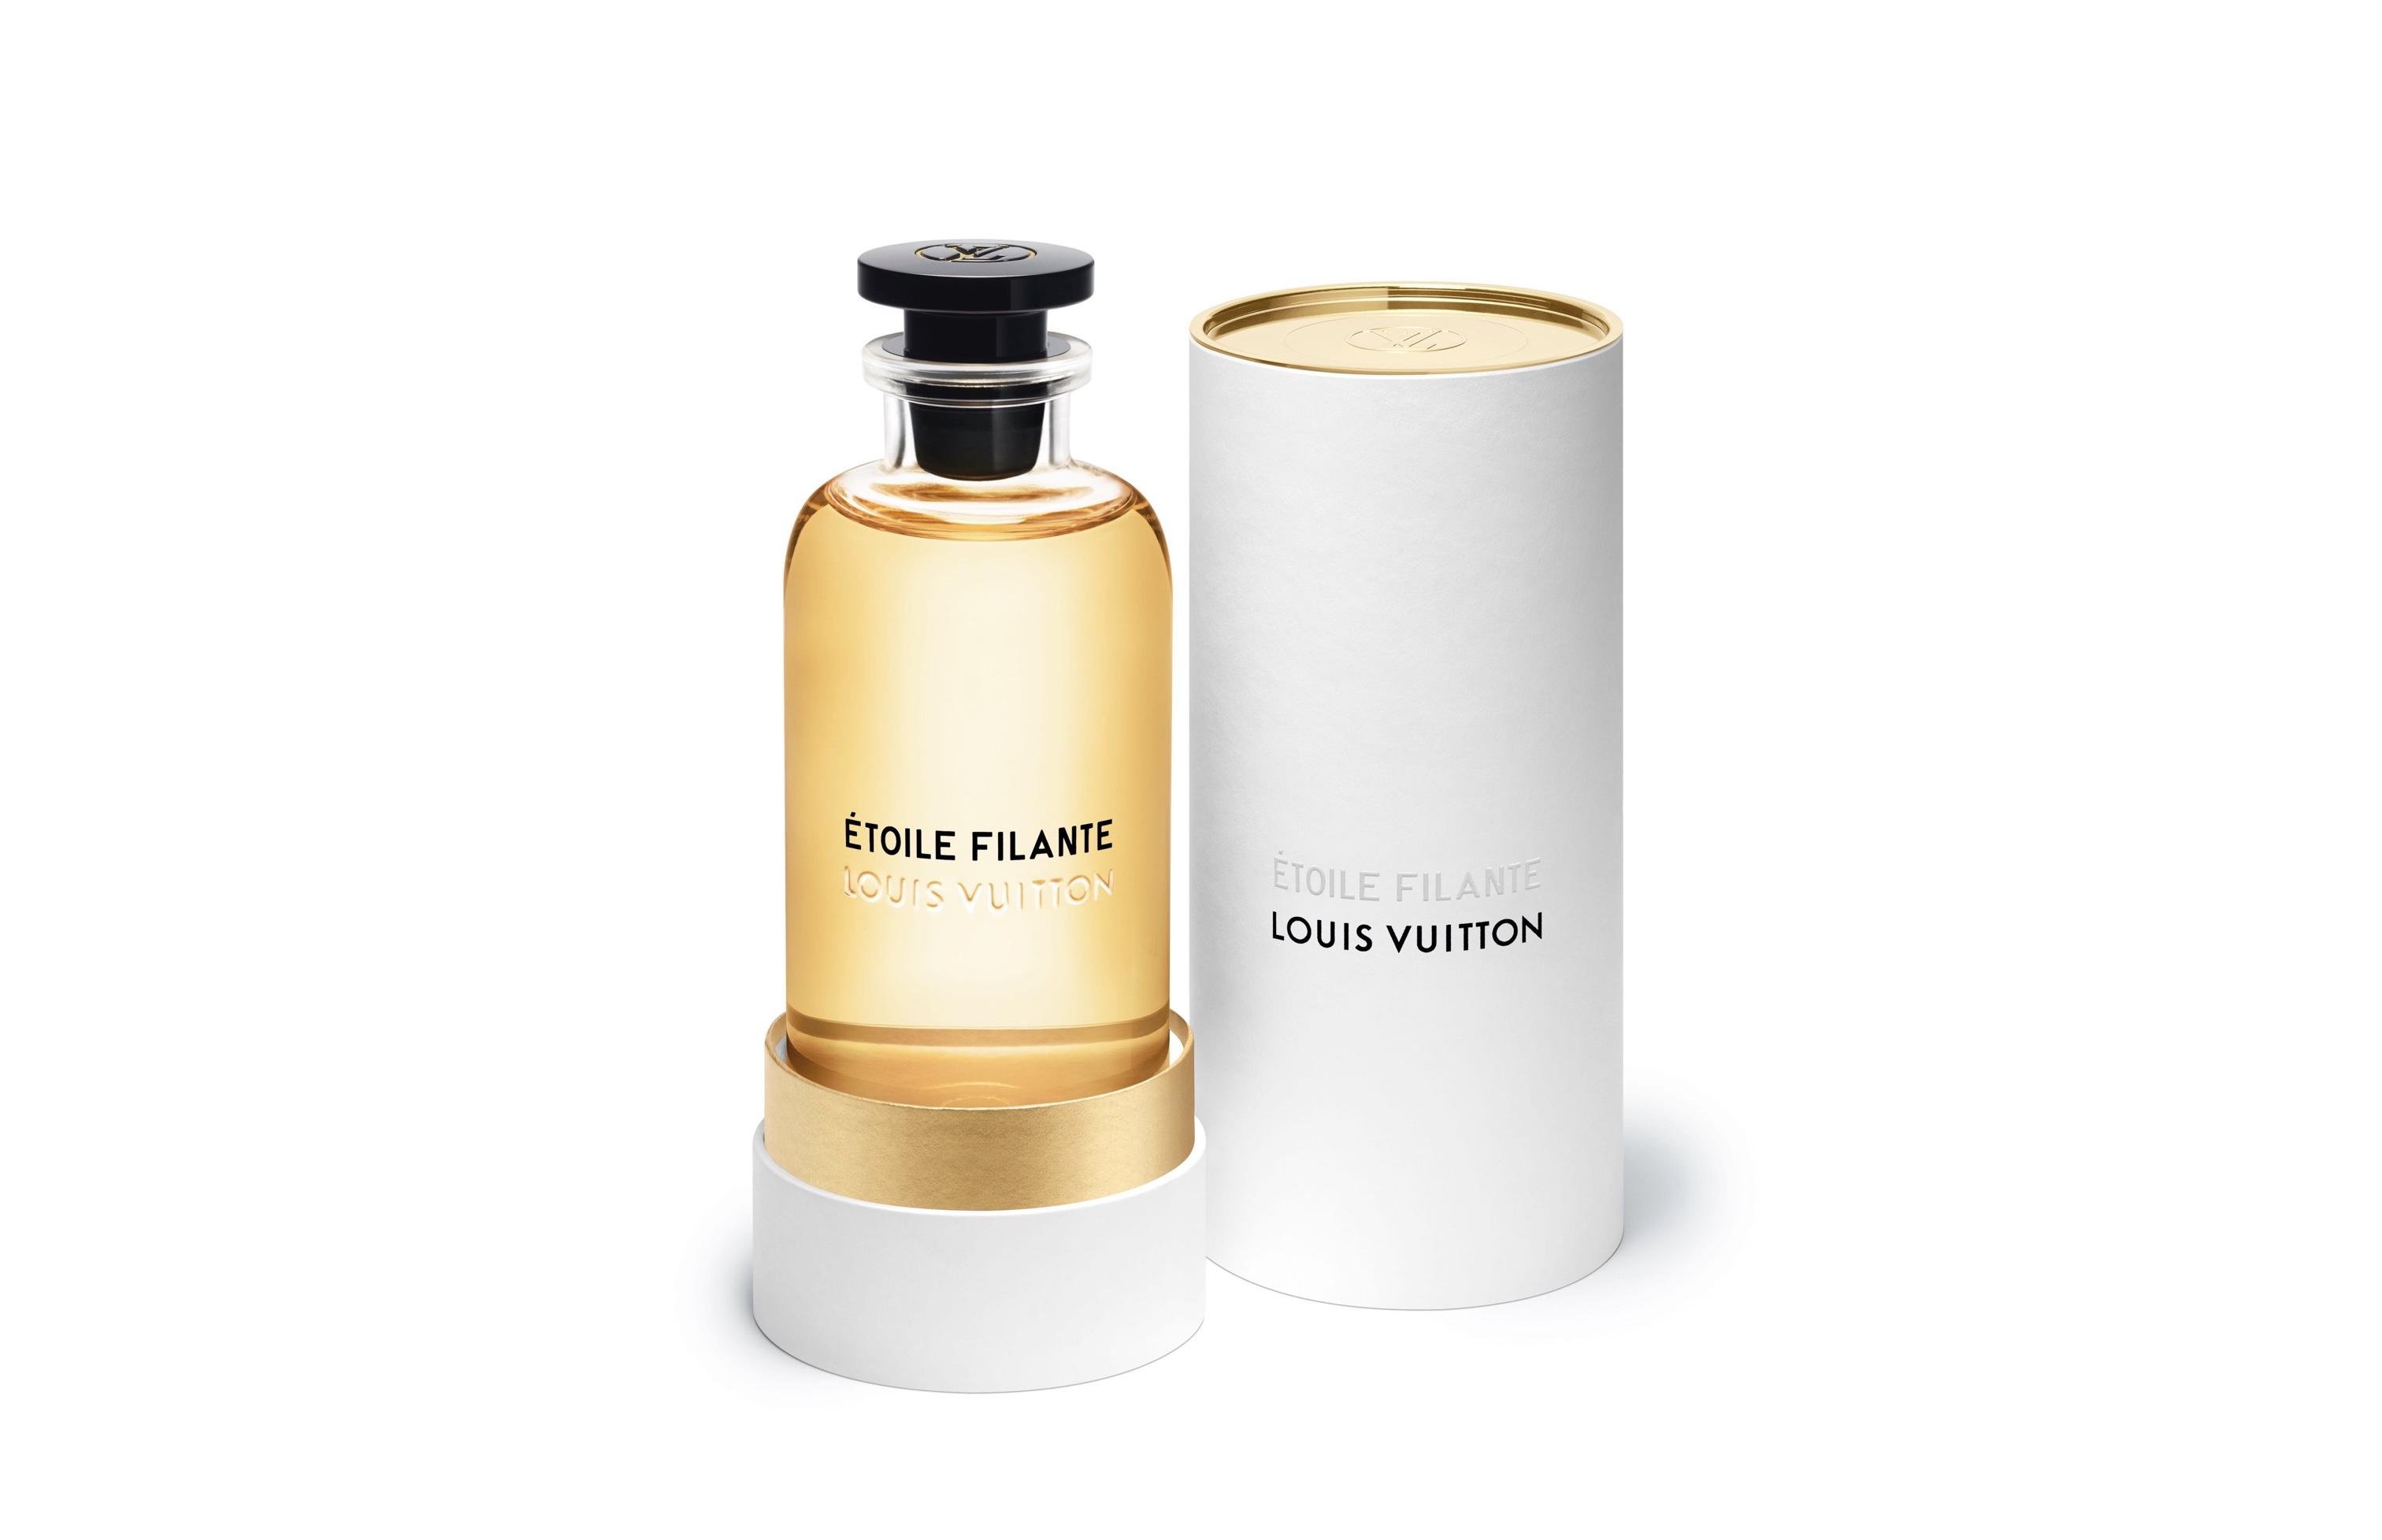 金木犀とたどる懐かしき日々 Louis Vuitton新作香水発売